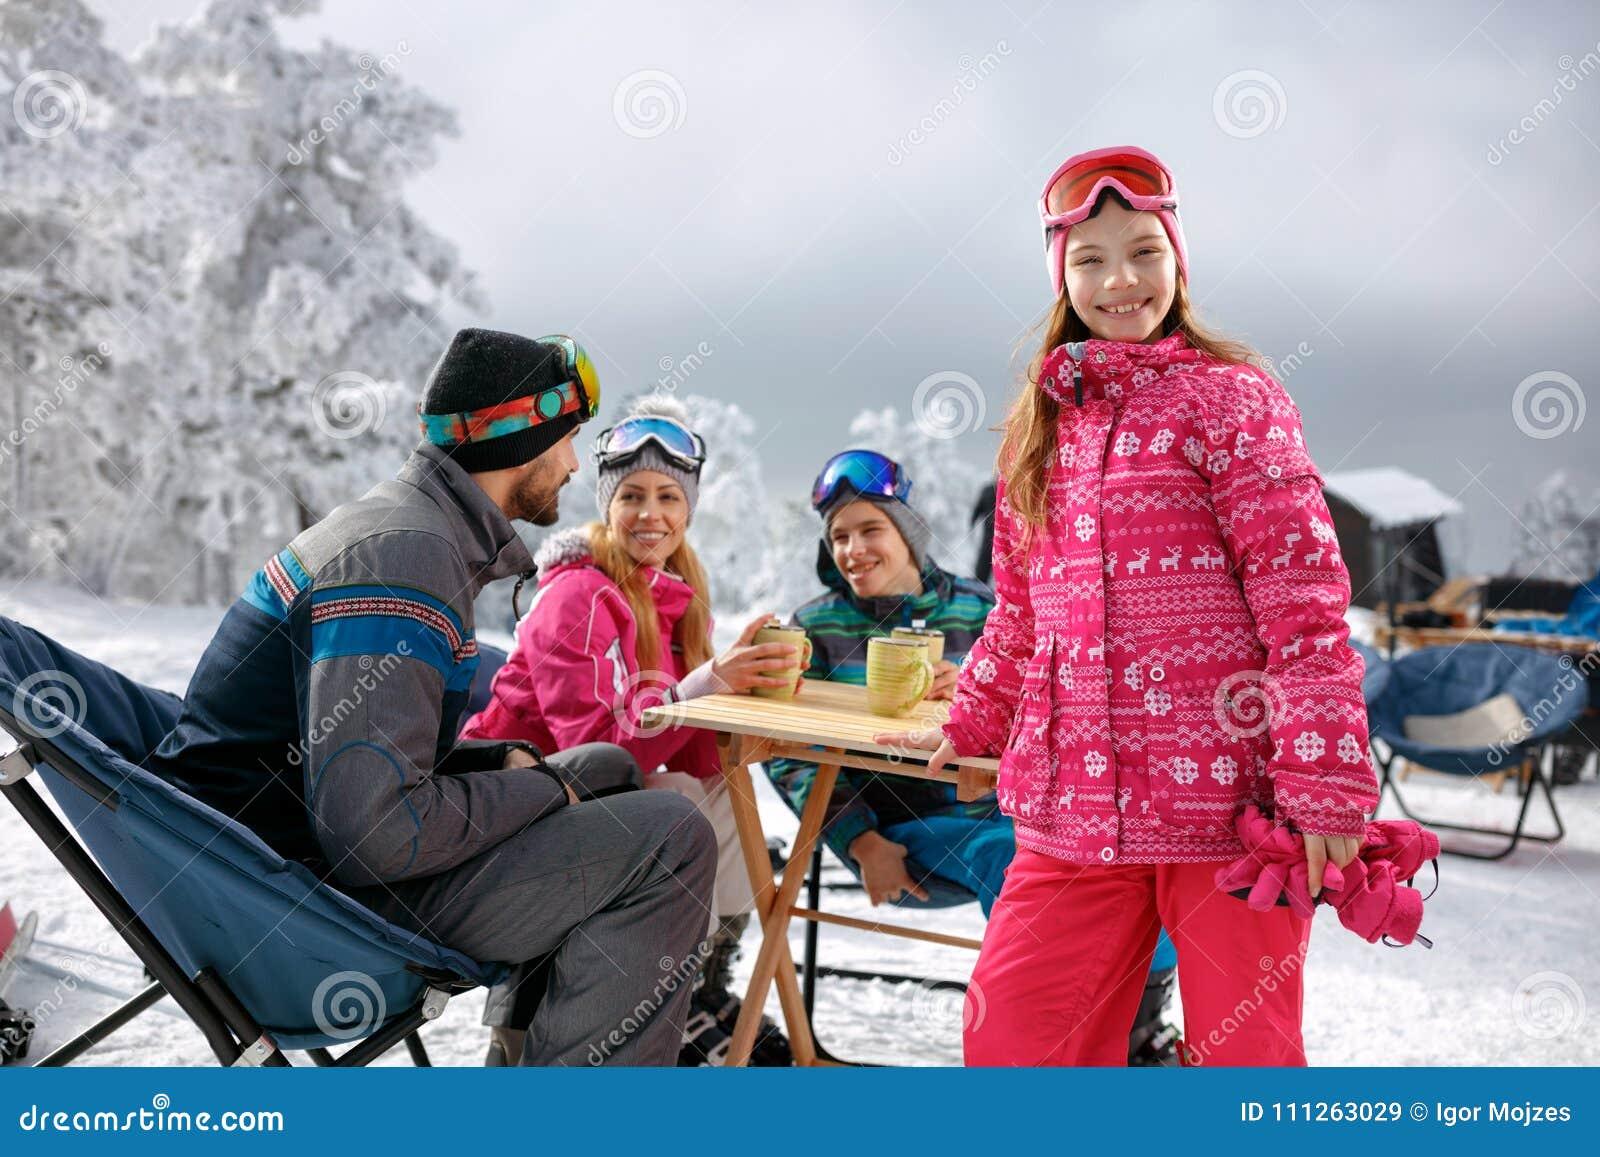 Πορτρέτο του κοριτσιού με την οικογένεια που απολαμβάνει τις χειμερινές διακοπές στο χιόνι